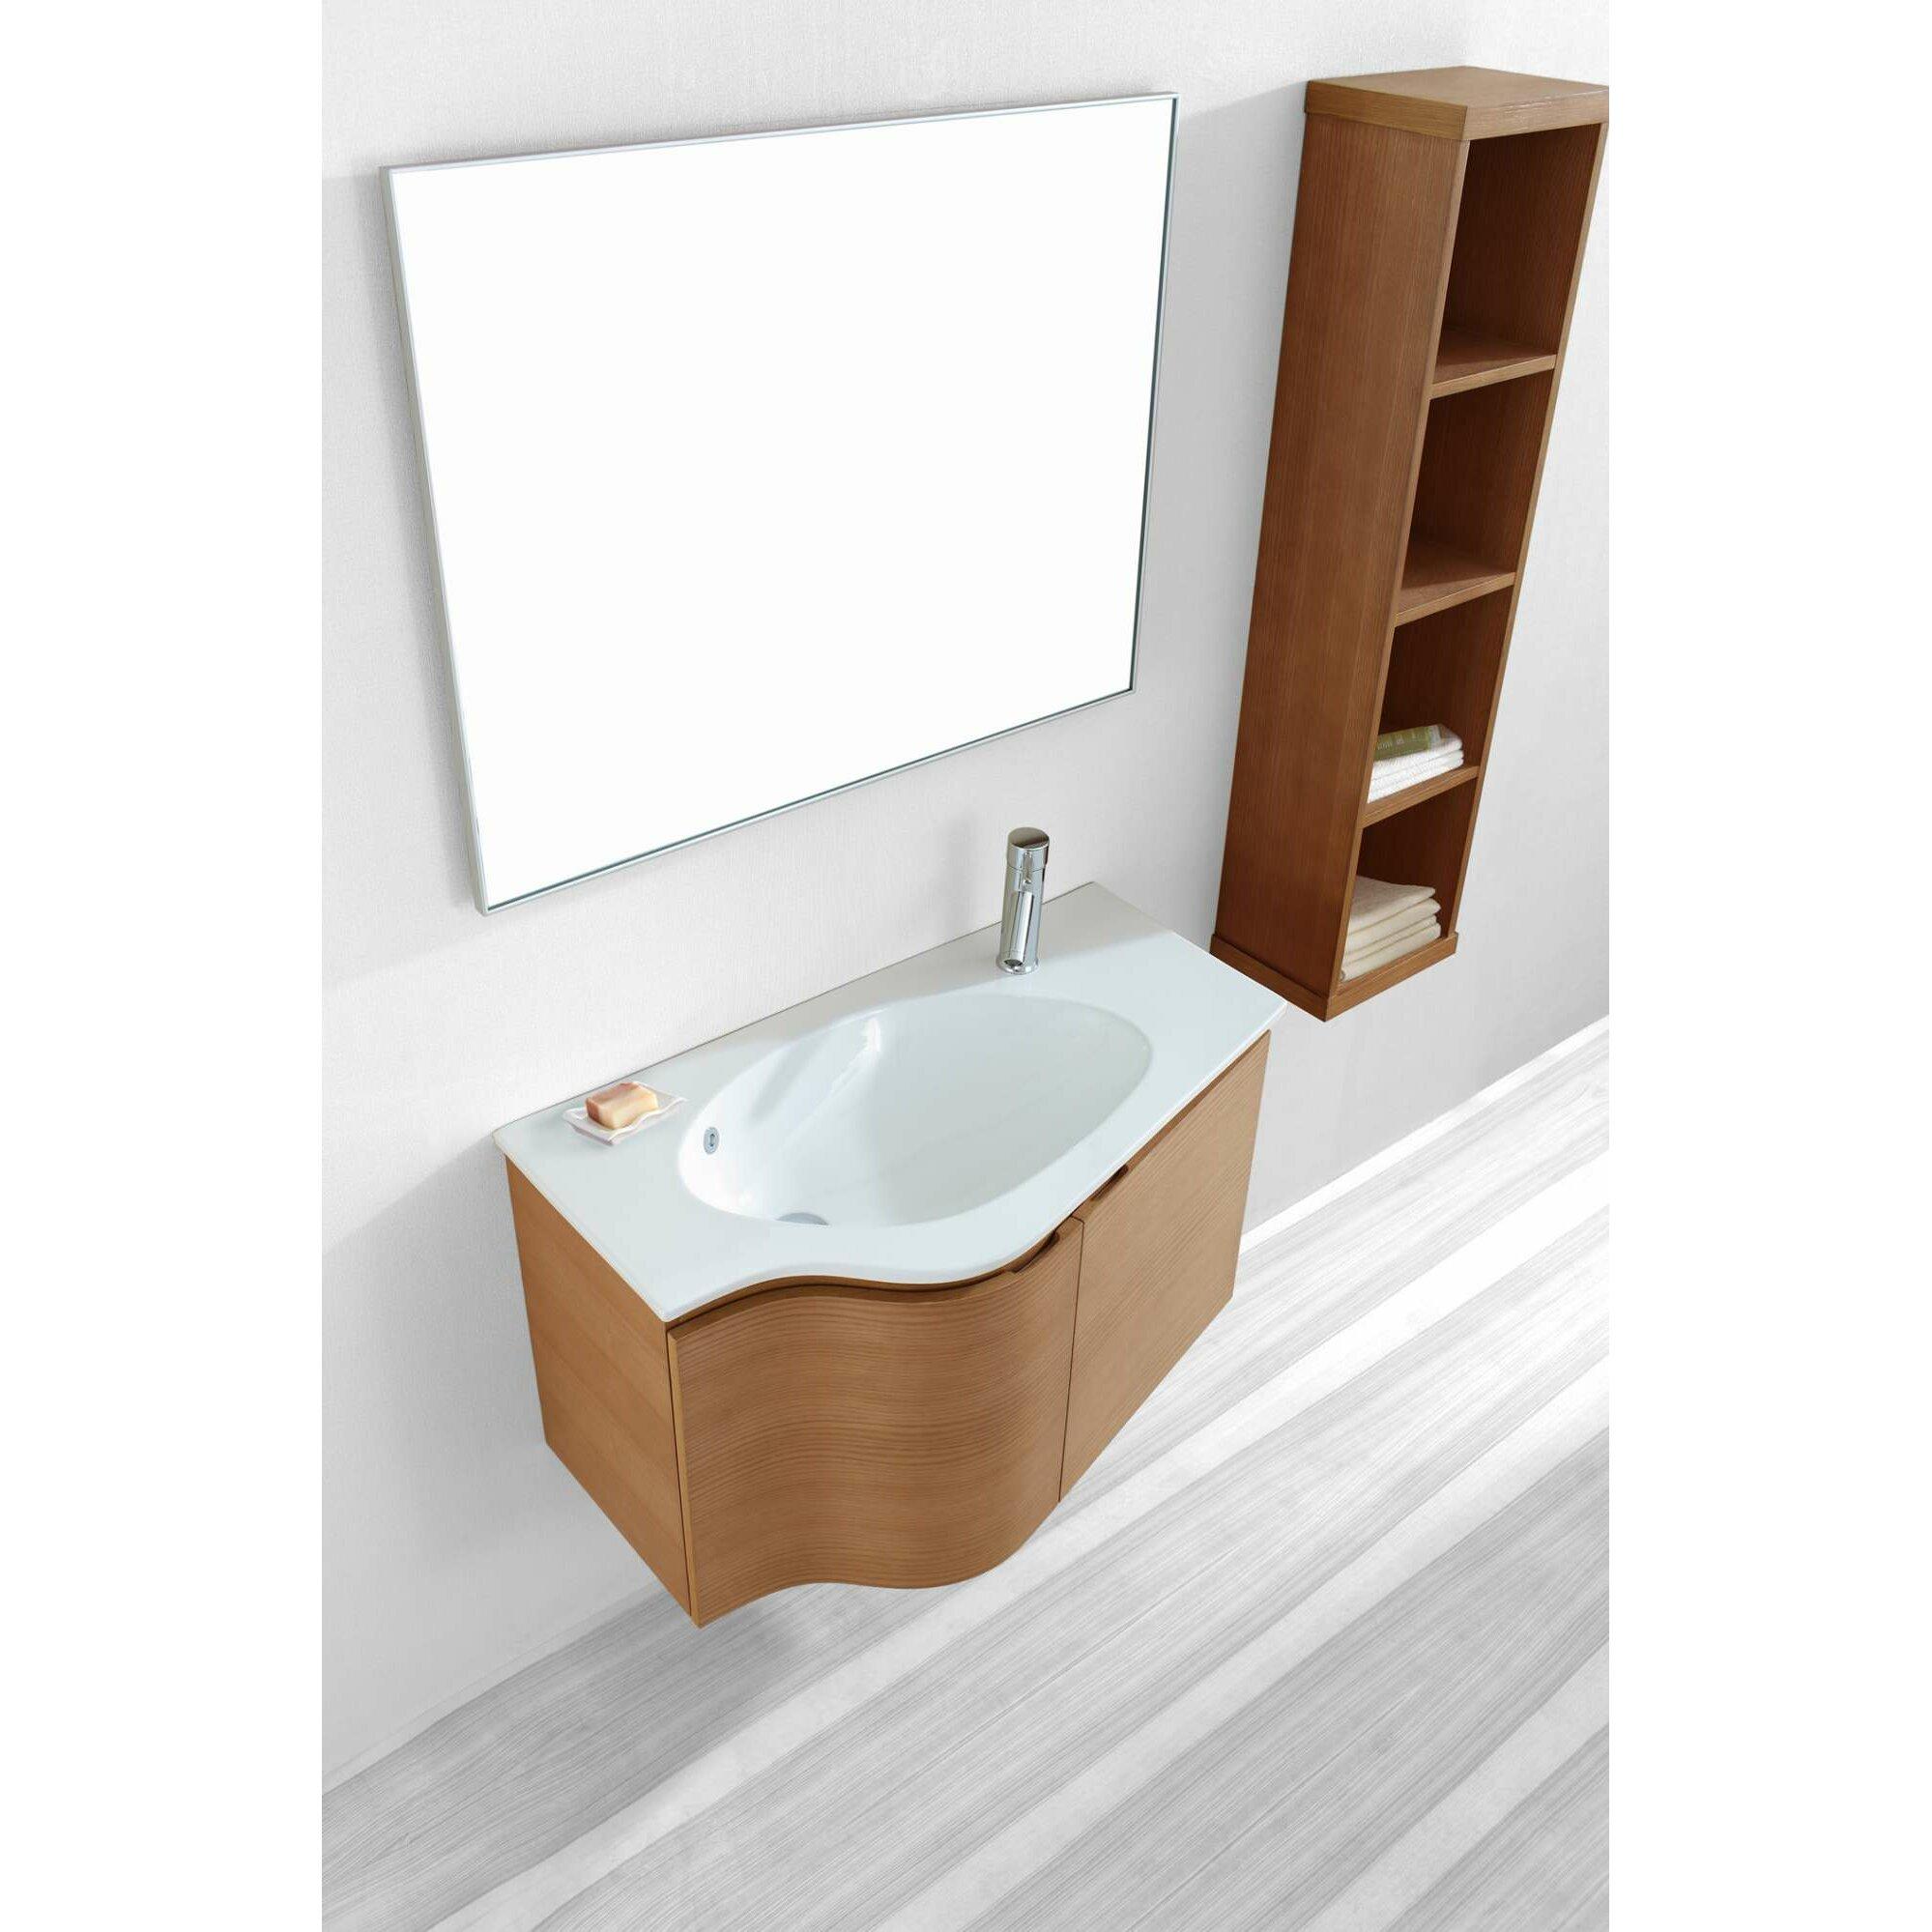 Virtu bathroom accessories - Roselle 35 Single Floating Bathroom Vanity Set With Ceramic Top And Mirror